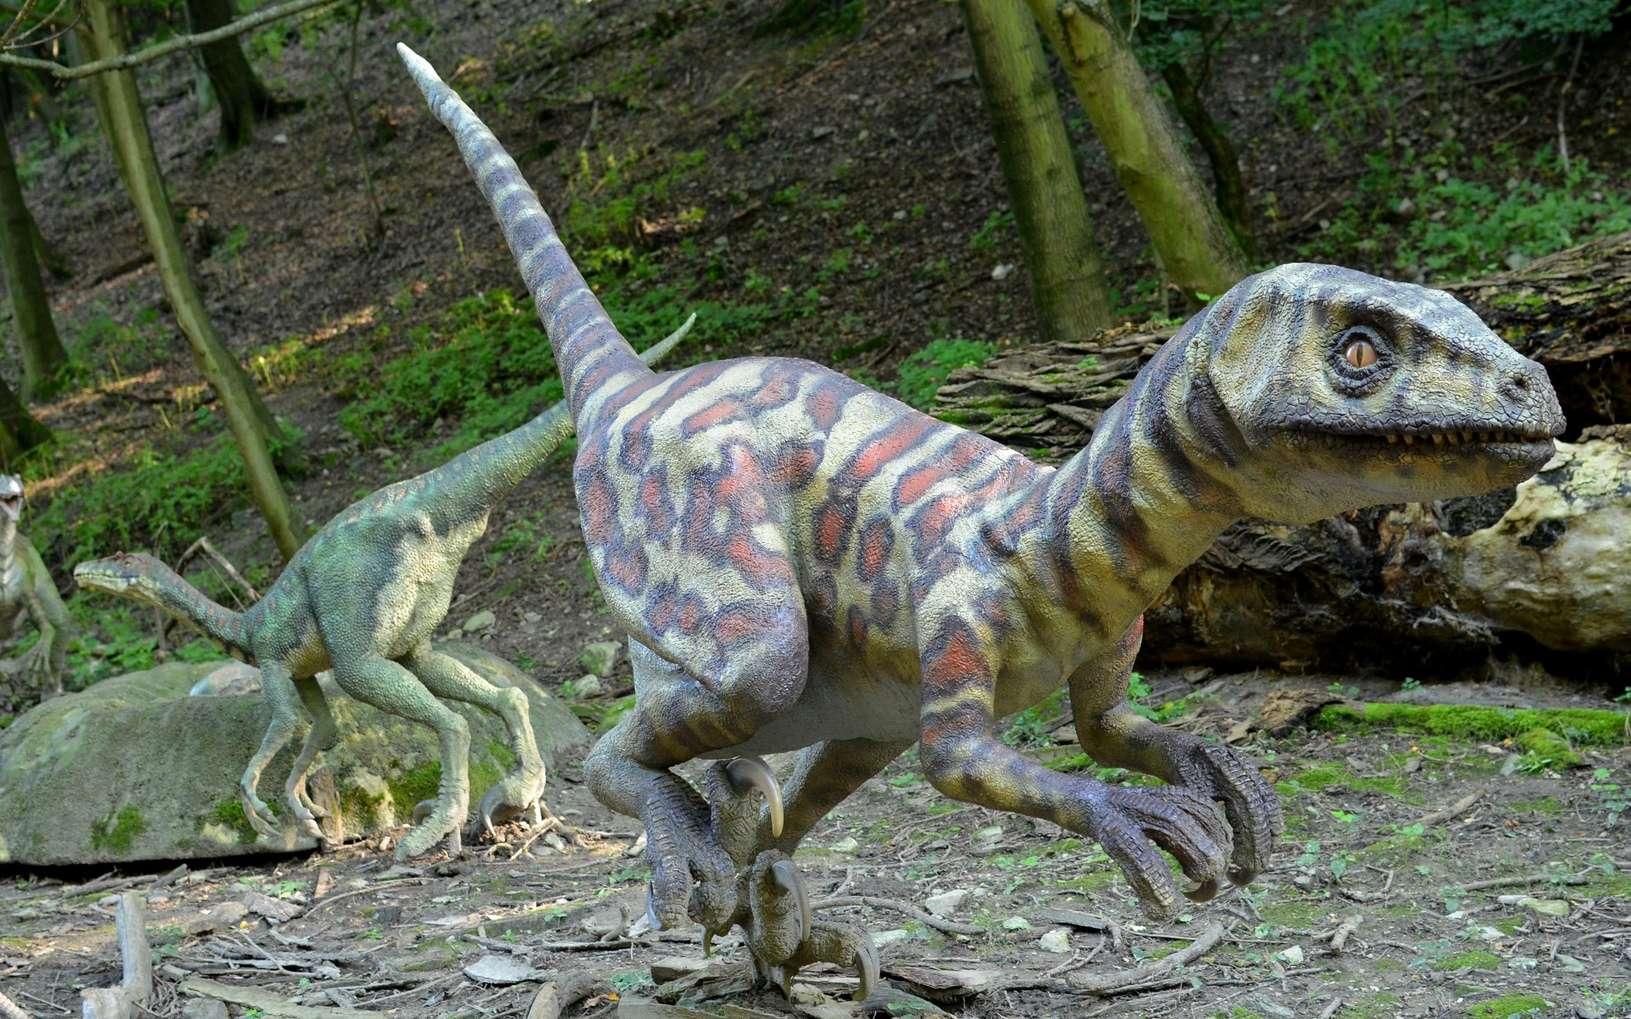 Les paléontologues admettent globalement que les dinosaures possédaient une certaine forme d'intelligence, mais la majorité n'atteint pas celle des oiseaux modernes. Les Vélociraptors sont très populaires vis-à-vis du public. Les Troodon, moins populaires, sont pourtant largement reconnus pour leur intelligence. © PxHere